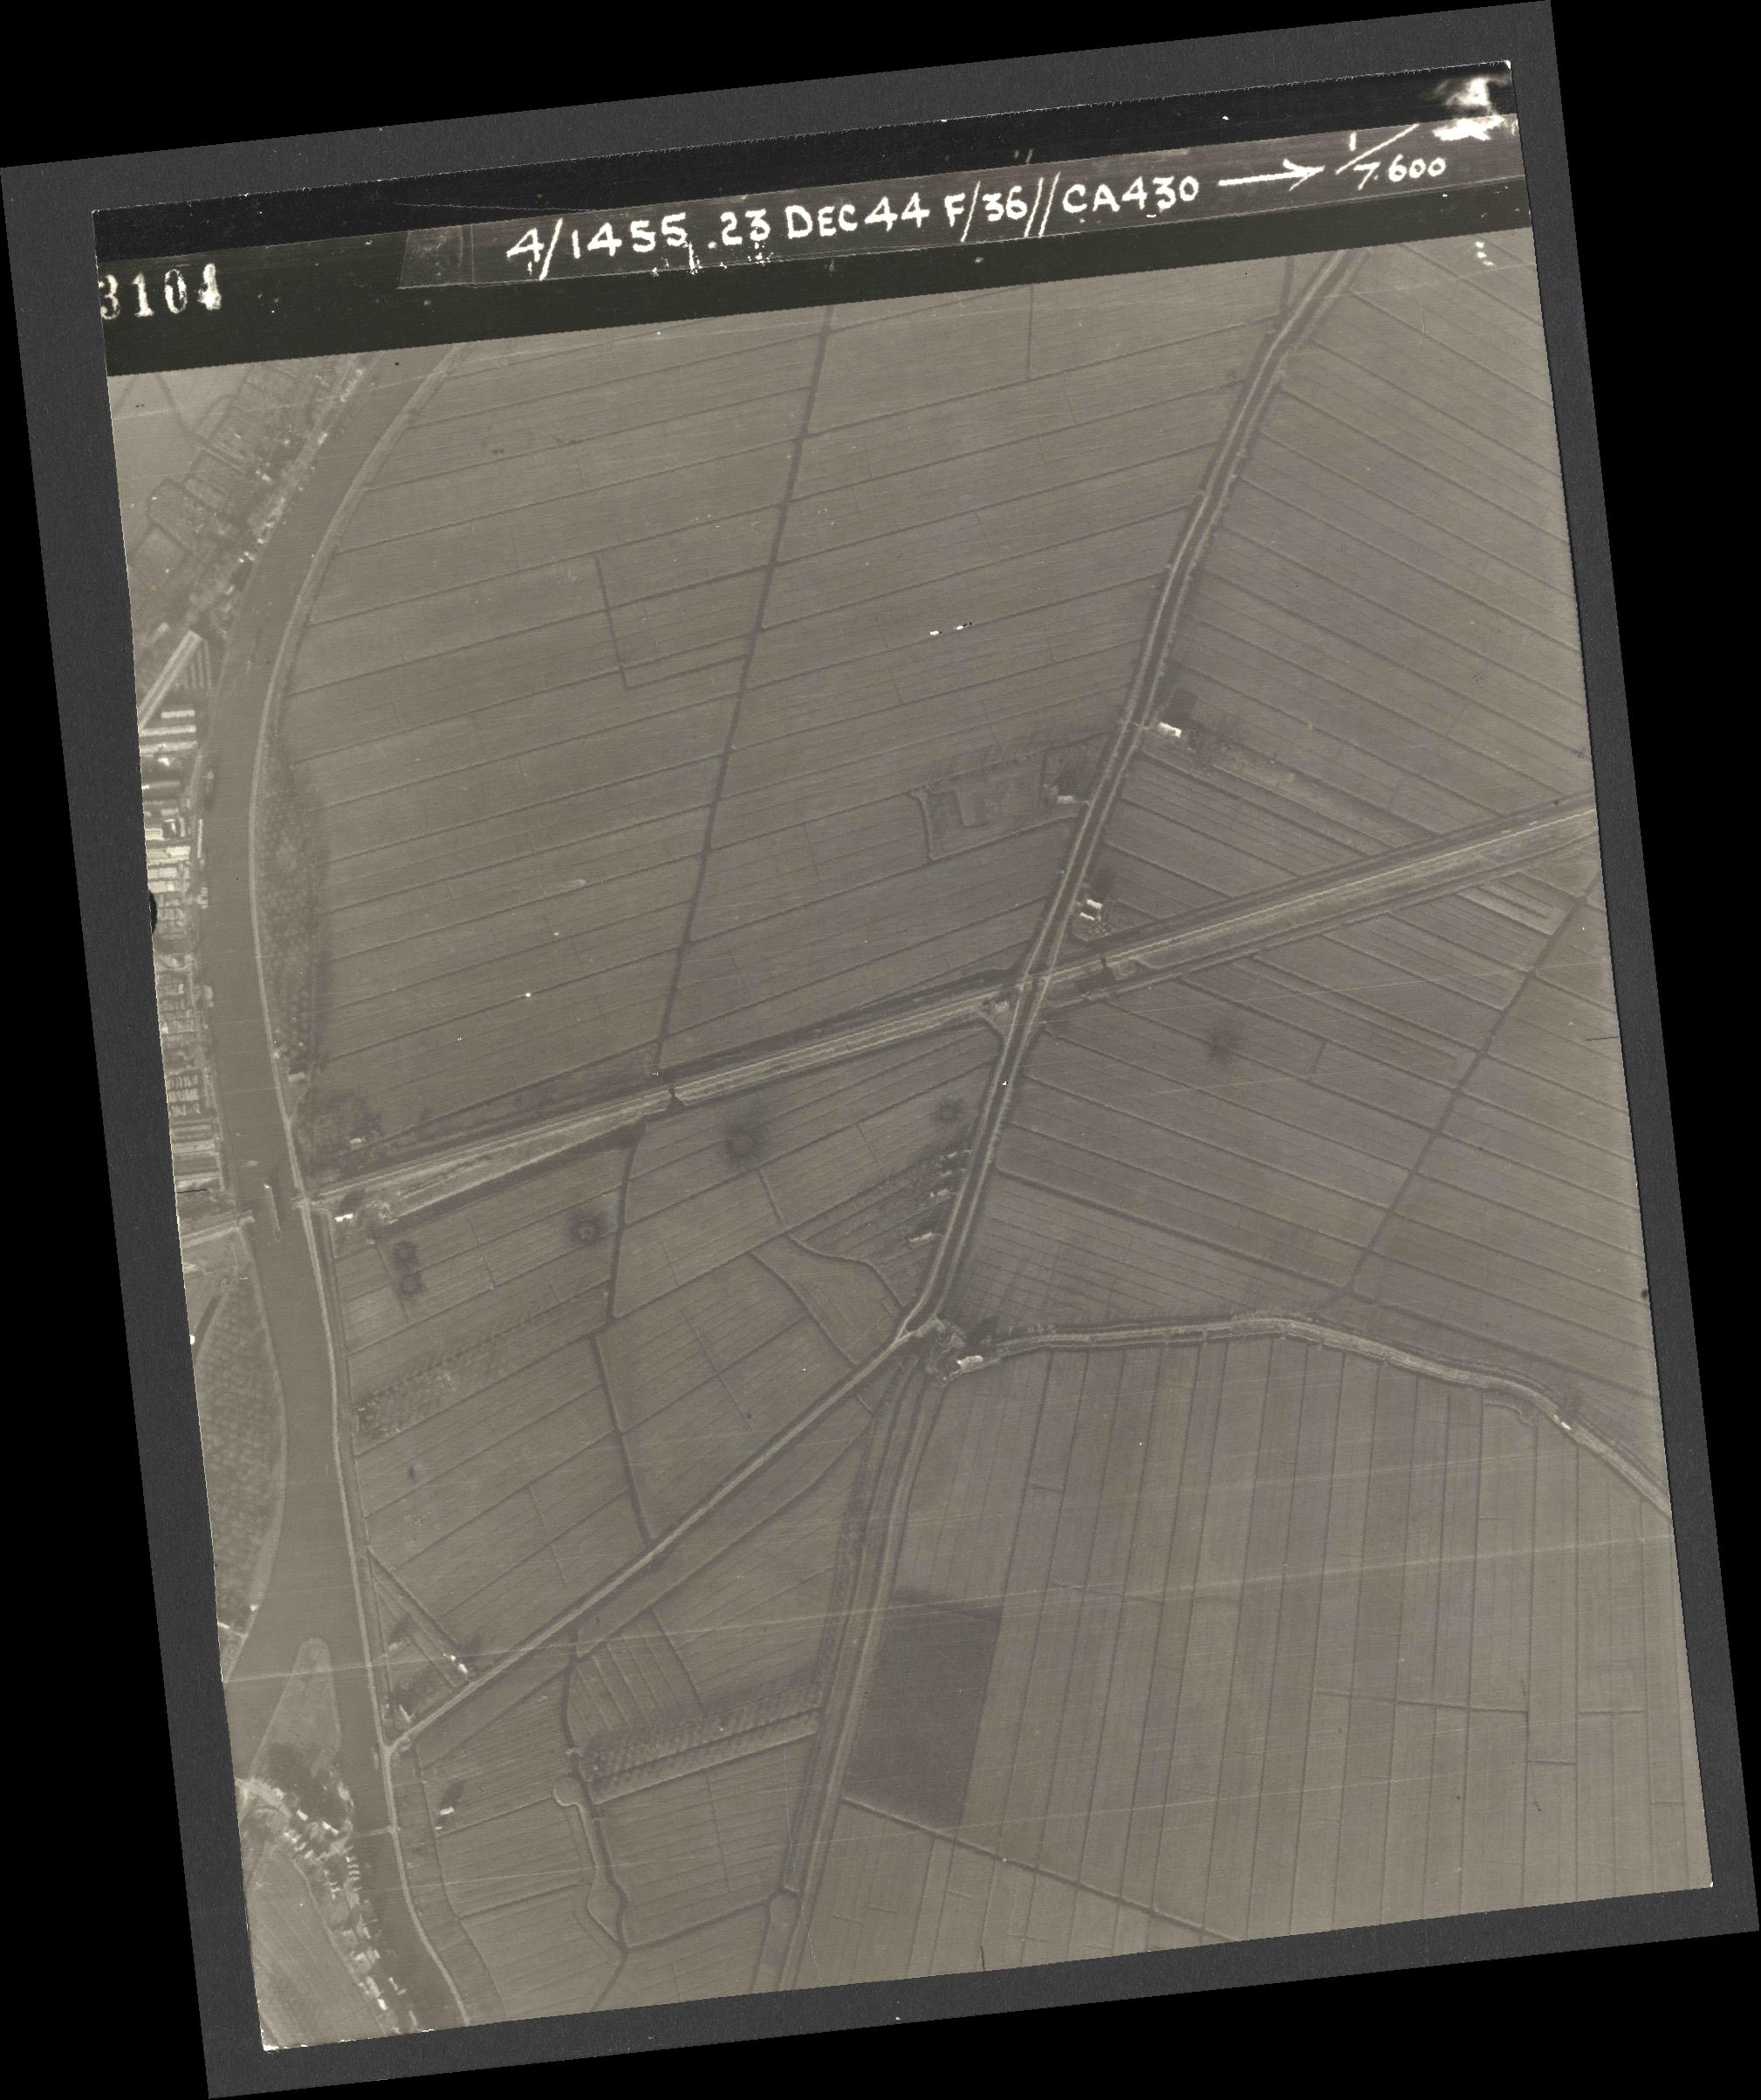 Collection RAF aerial photos 1940-1945 - flight 051, run 04, photo 3104